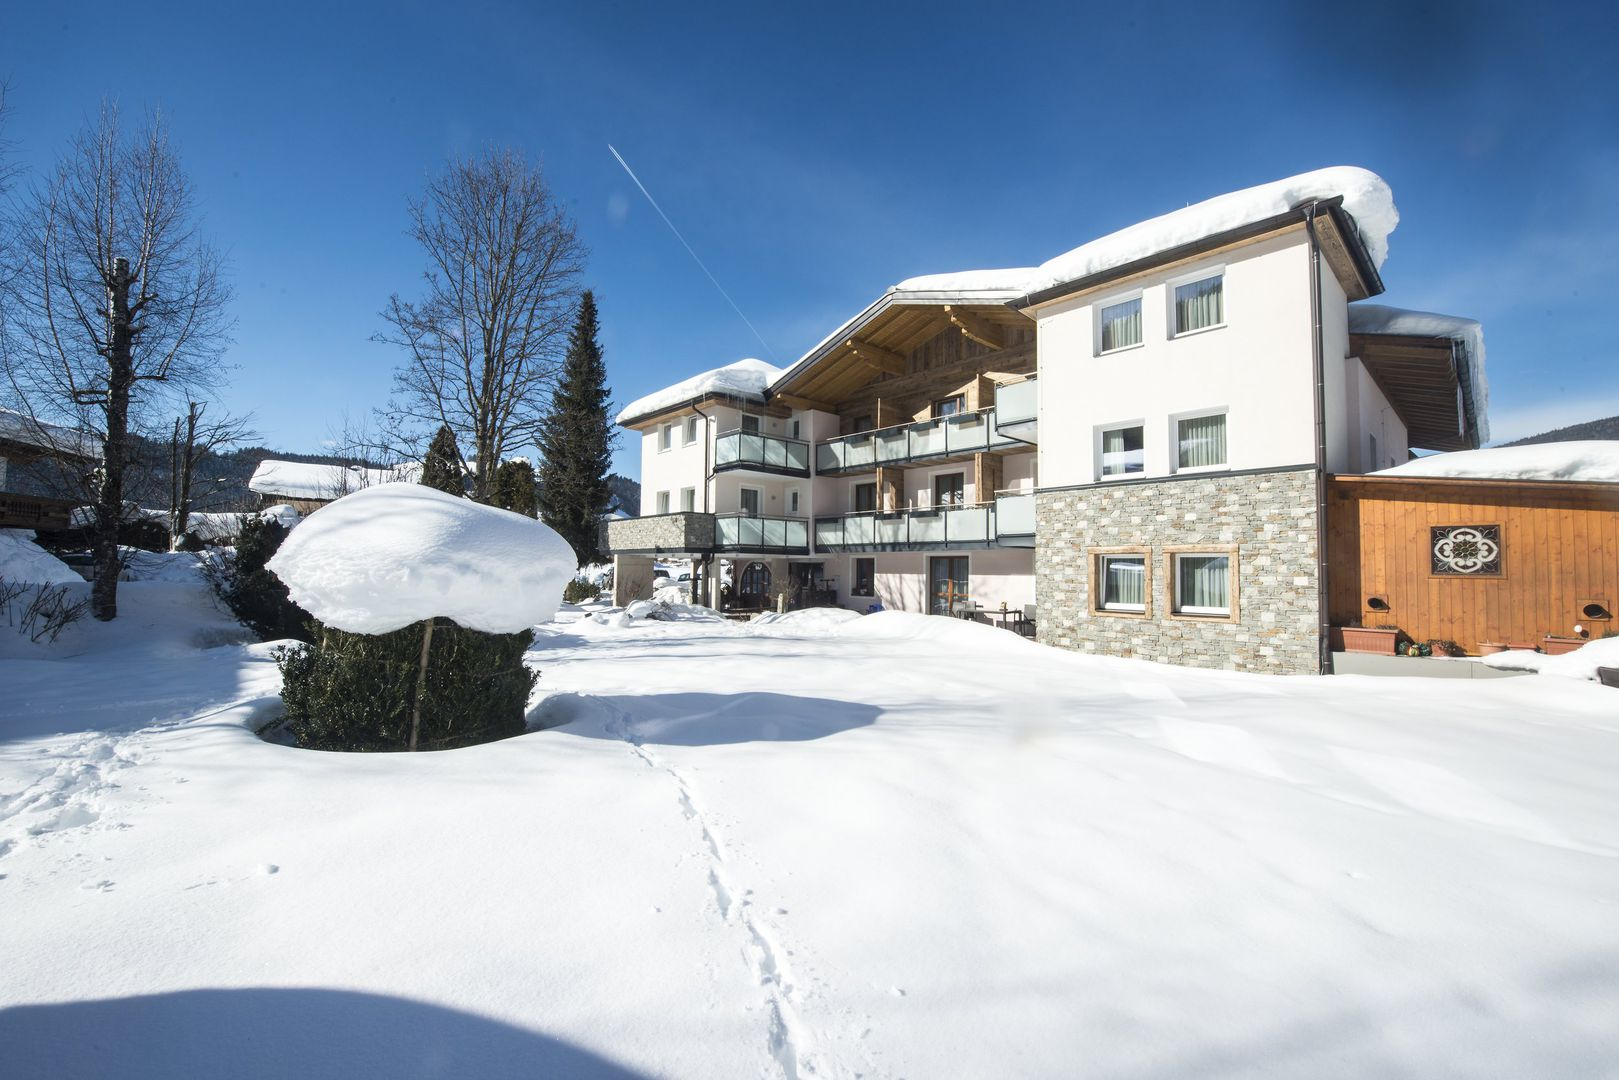 Meer info over Aparthotel Kristall  bij Wintertrex